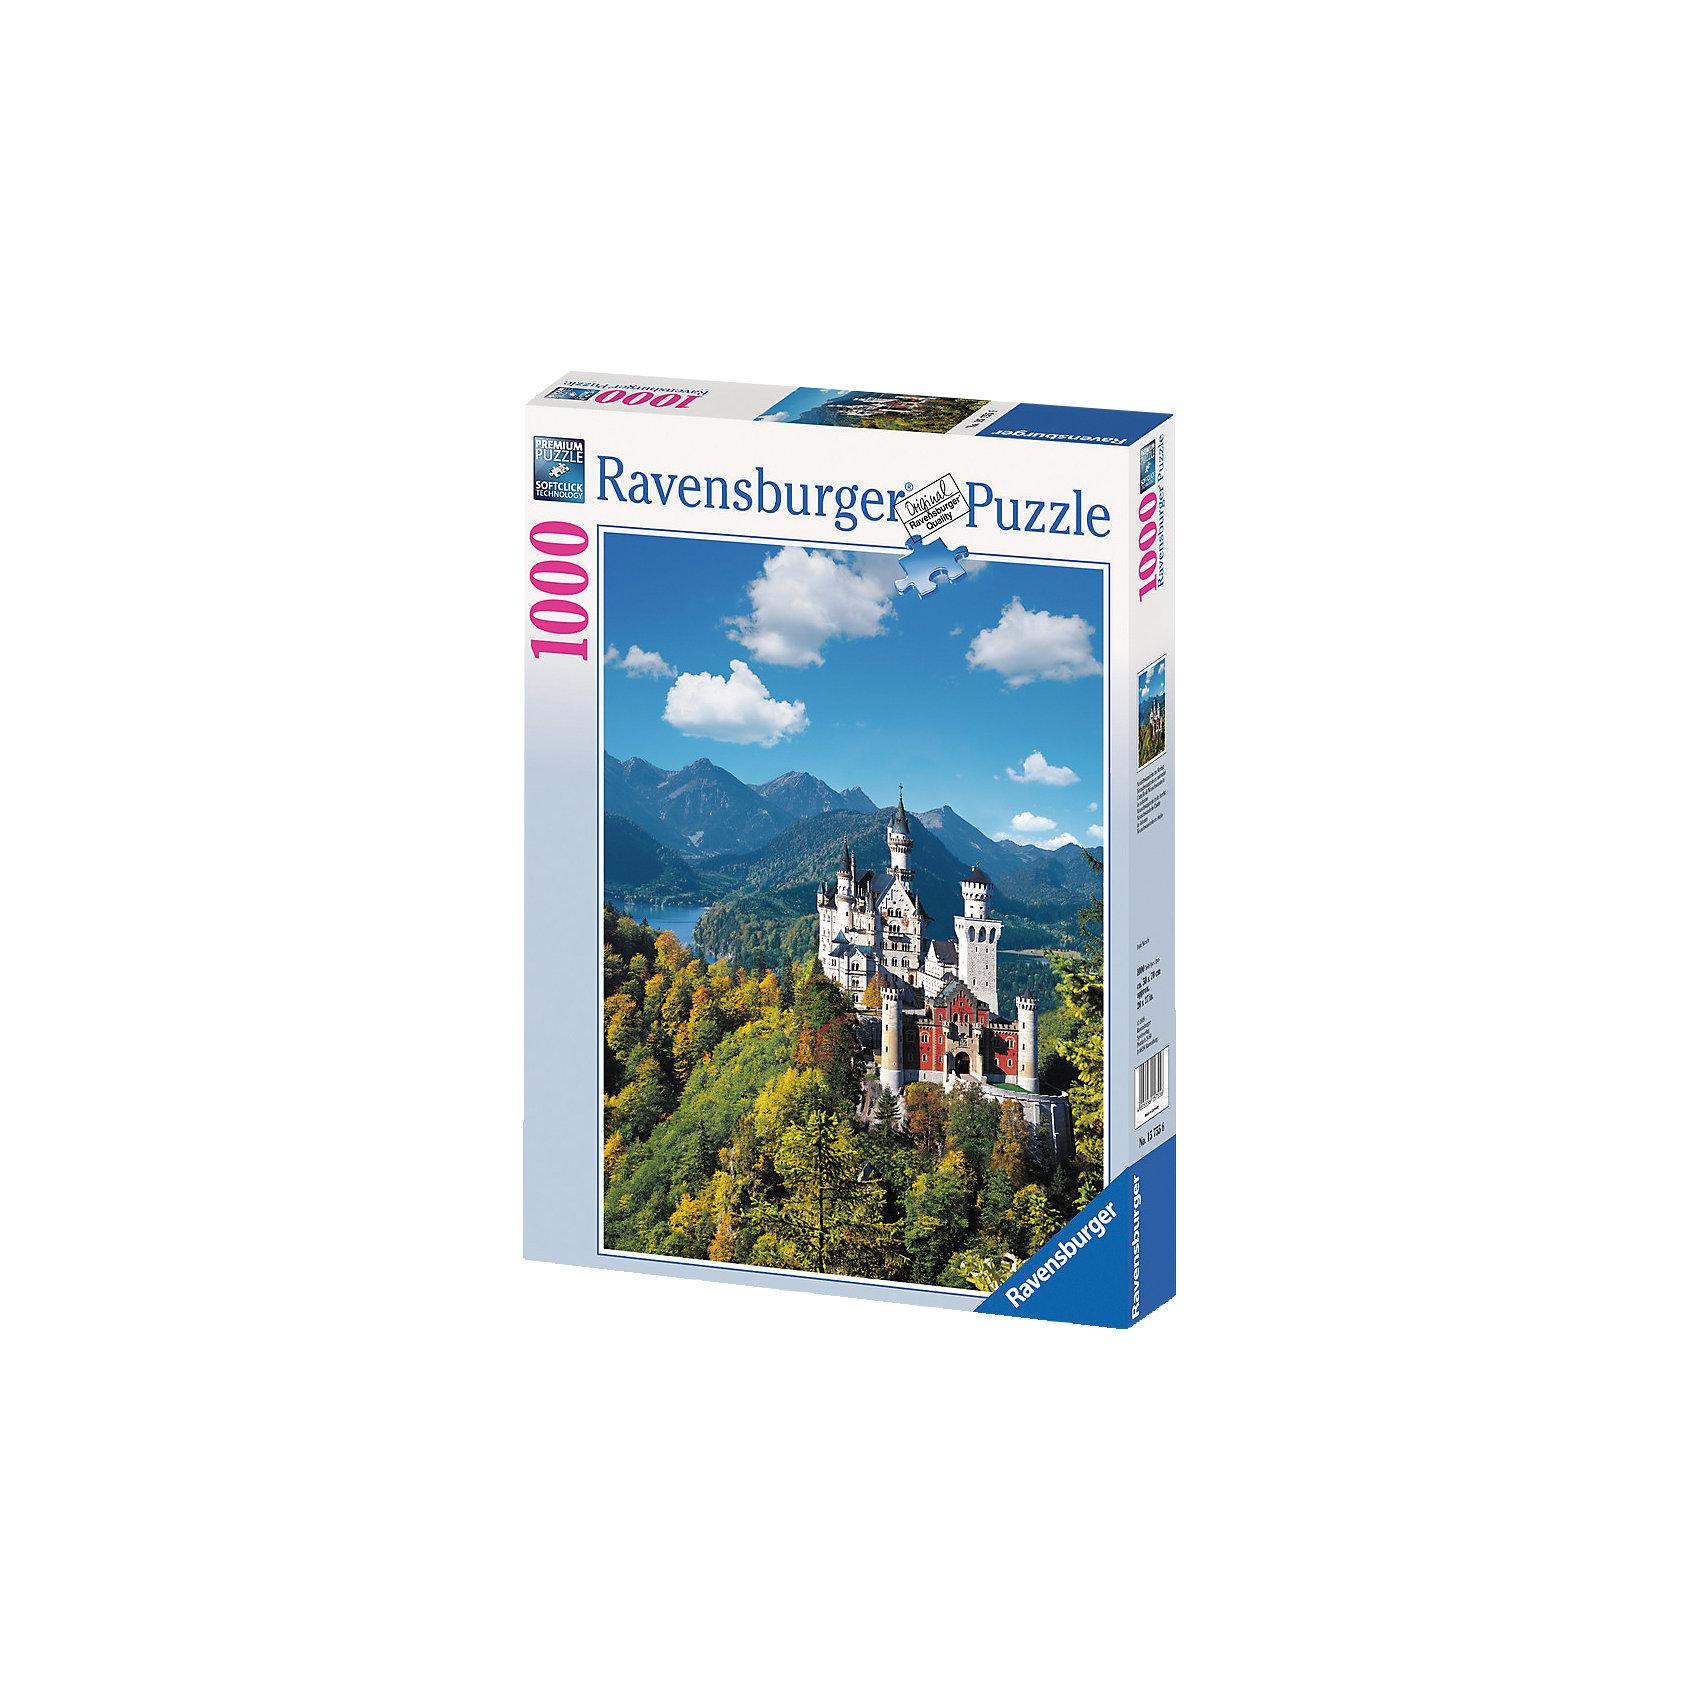 Пазл Замок Нойшванштайн Ravensburger, 1000 деталейВеликолепный замок Нойшванштайн в юго-западной Баварии является одним из самых популярных туристических мест в Германии. Принято считать, что именно здесь у Чайковского родился замысел балета Лебединое озеро. Существуют также предположение, что Нойшванштайн явился источником вдохновения для строительства замка Спящей Красавицы в Парижском Диснейленде.<br><br>Немецкая компания Ravensburger предоставляет Вам отличную возможность собрать этот поражающий красотой замок, не выходя из дома. Любители собирать пазлы непременно будут довольны отличным качеством полиграфии, яркими цветами, а также идеальной стыковкой элементов. Первоклассная техника штамповки гарантирует, что каждая деталь идеально встанет на свое место, картинка будет прочно фиксироваться при сборке и не сломается, если ее случайно задеть.<br><br>Вы также можете приобрести в нашем интернет-магазине специальный клей для пазлов Puzzle-Conserver Permanent, который позволит зафиксировать собранную картинку.<br><br>Собирайте пазлы от Ravensburger и наслаждайтесь красивейшими уголками мира!<br><br>Количество элементов: 1000<br>Размер готовой картинки: 70 x 50 см<br><br>Ширина мм: 378<br>Глубина мм: 276<br>Высота мм: 58<br>Вес г: 886<br>Возраст от месяцев: 144<br>Возраст до месяцев: 228<br>Пол: Унисекс<br>Возраст: Детский<br>Количество деталей: 1000<br>SKU: 1824087